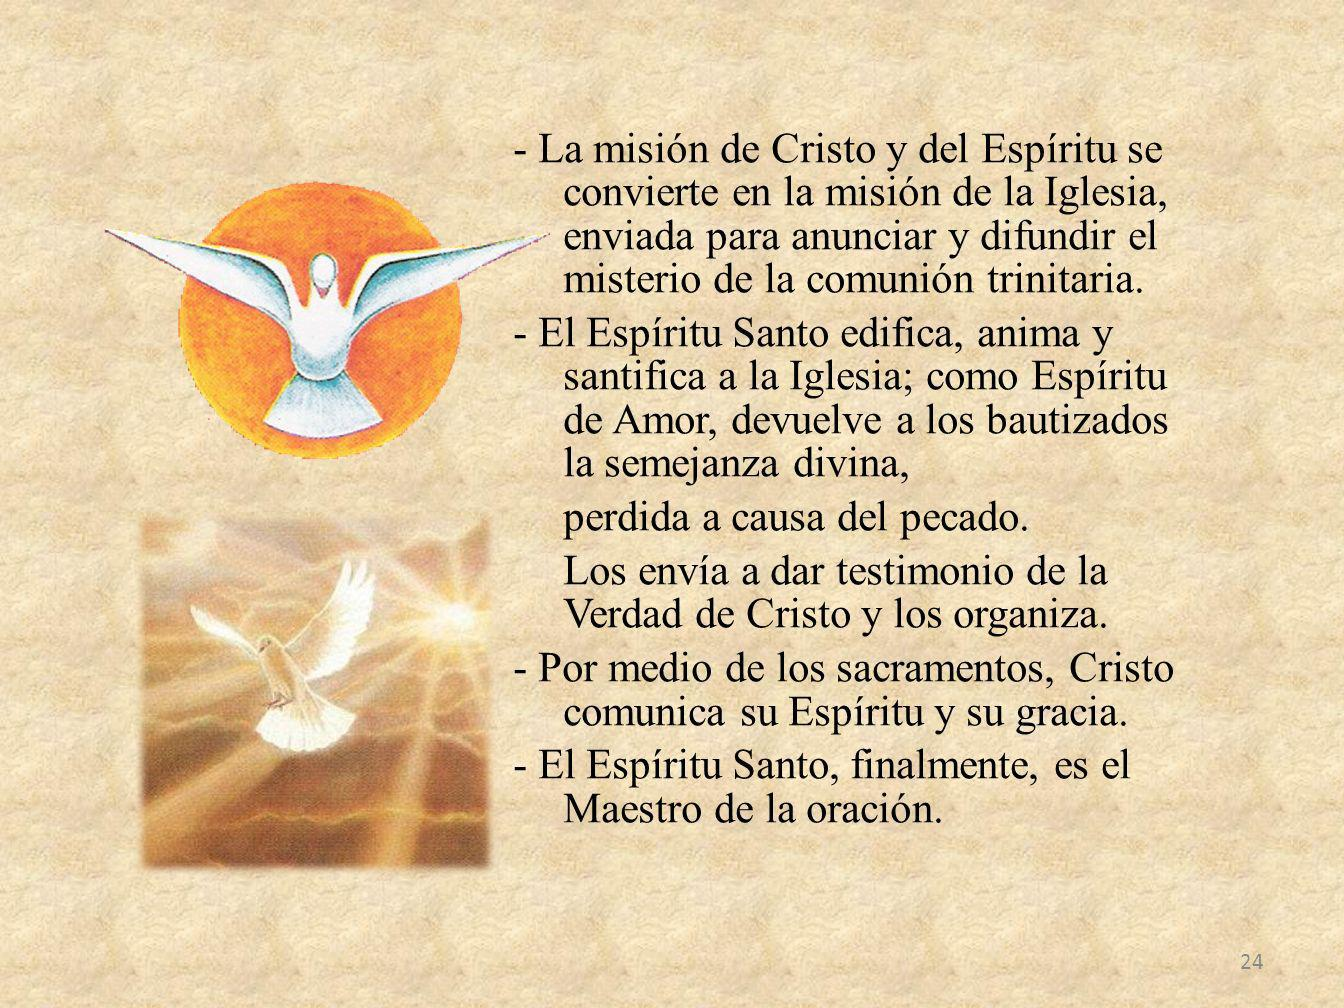 - La misión de Cristo y del Espíritu se convierte en la misión de la Iglesia, enviada para anunciar y difundir el misterio de la comunión trinitaria.